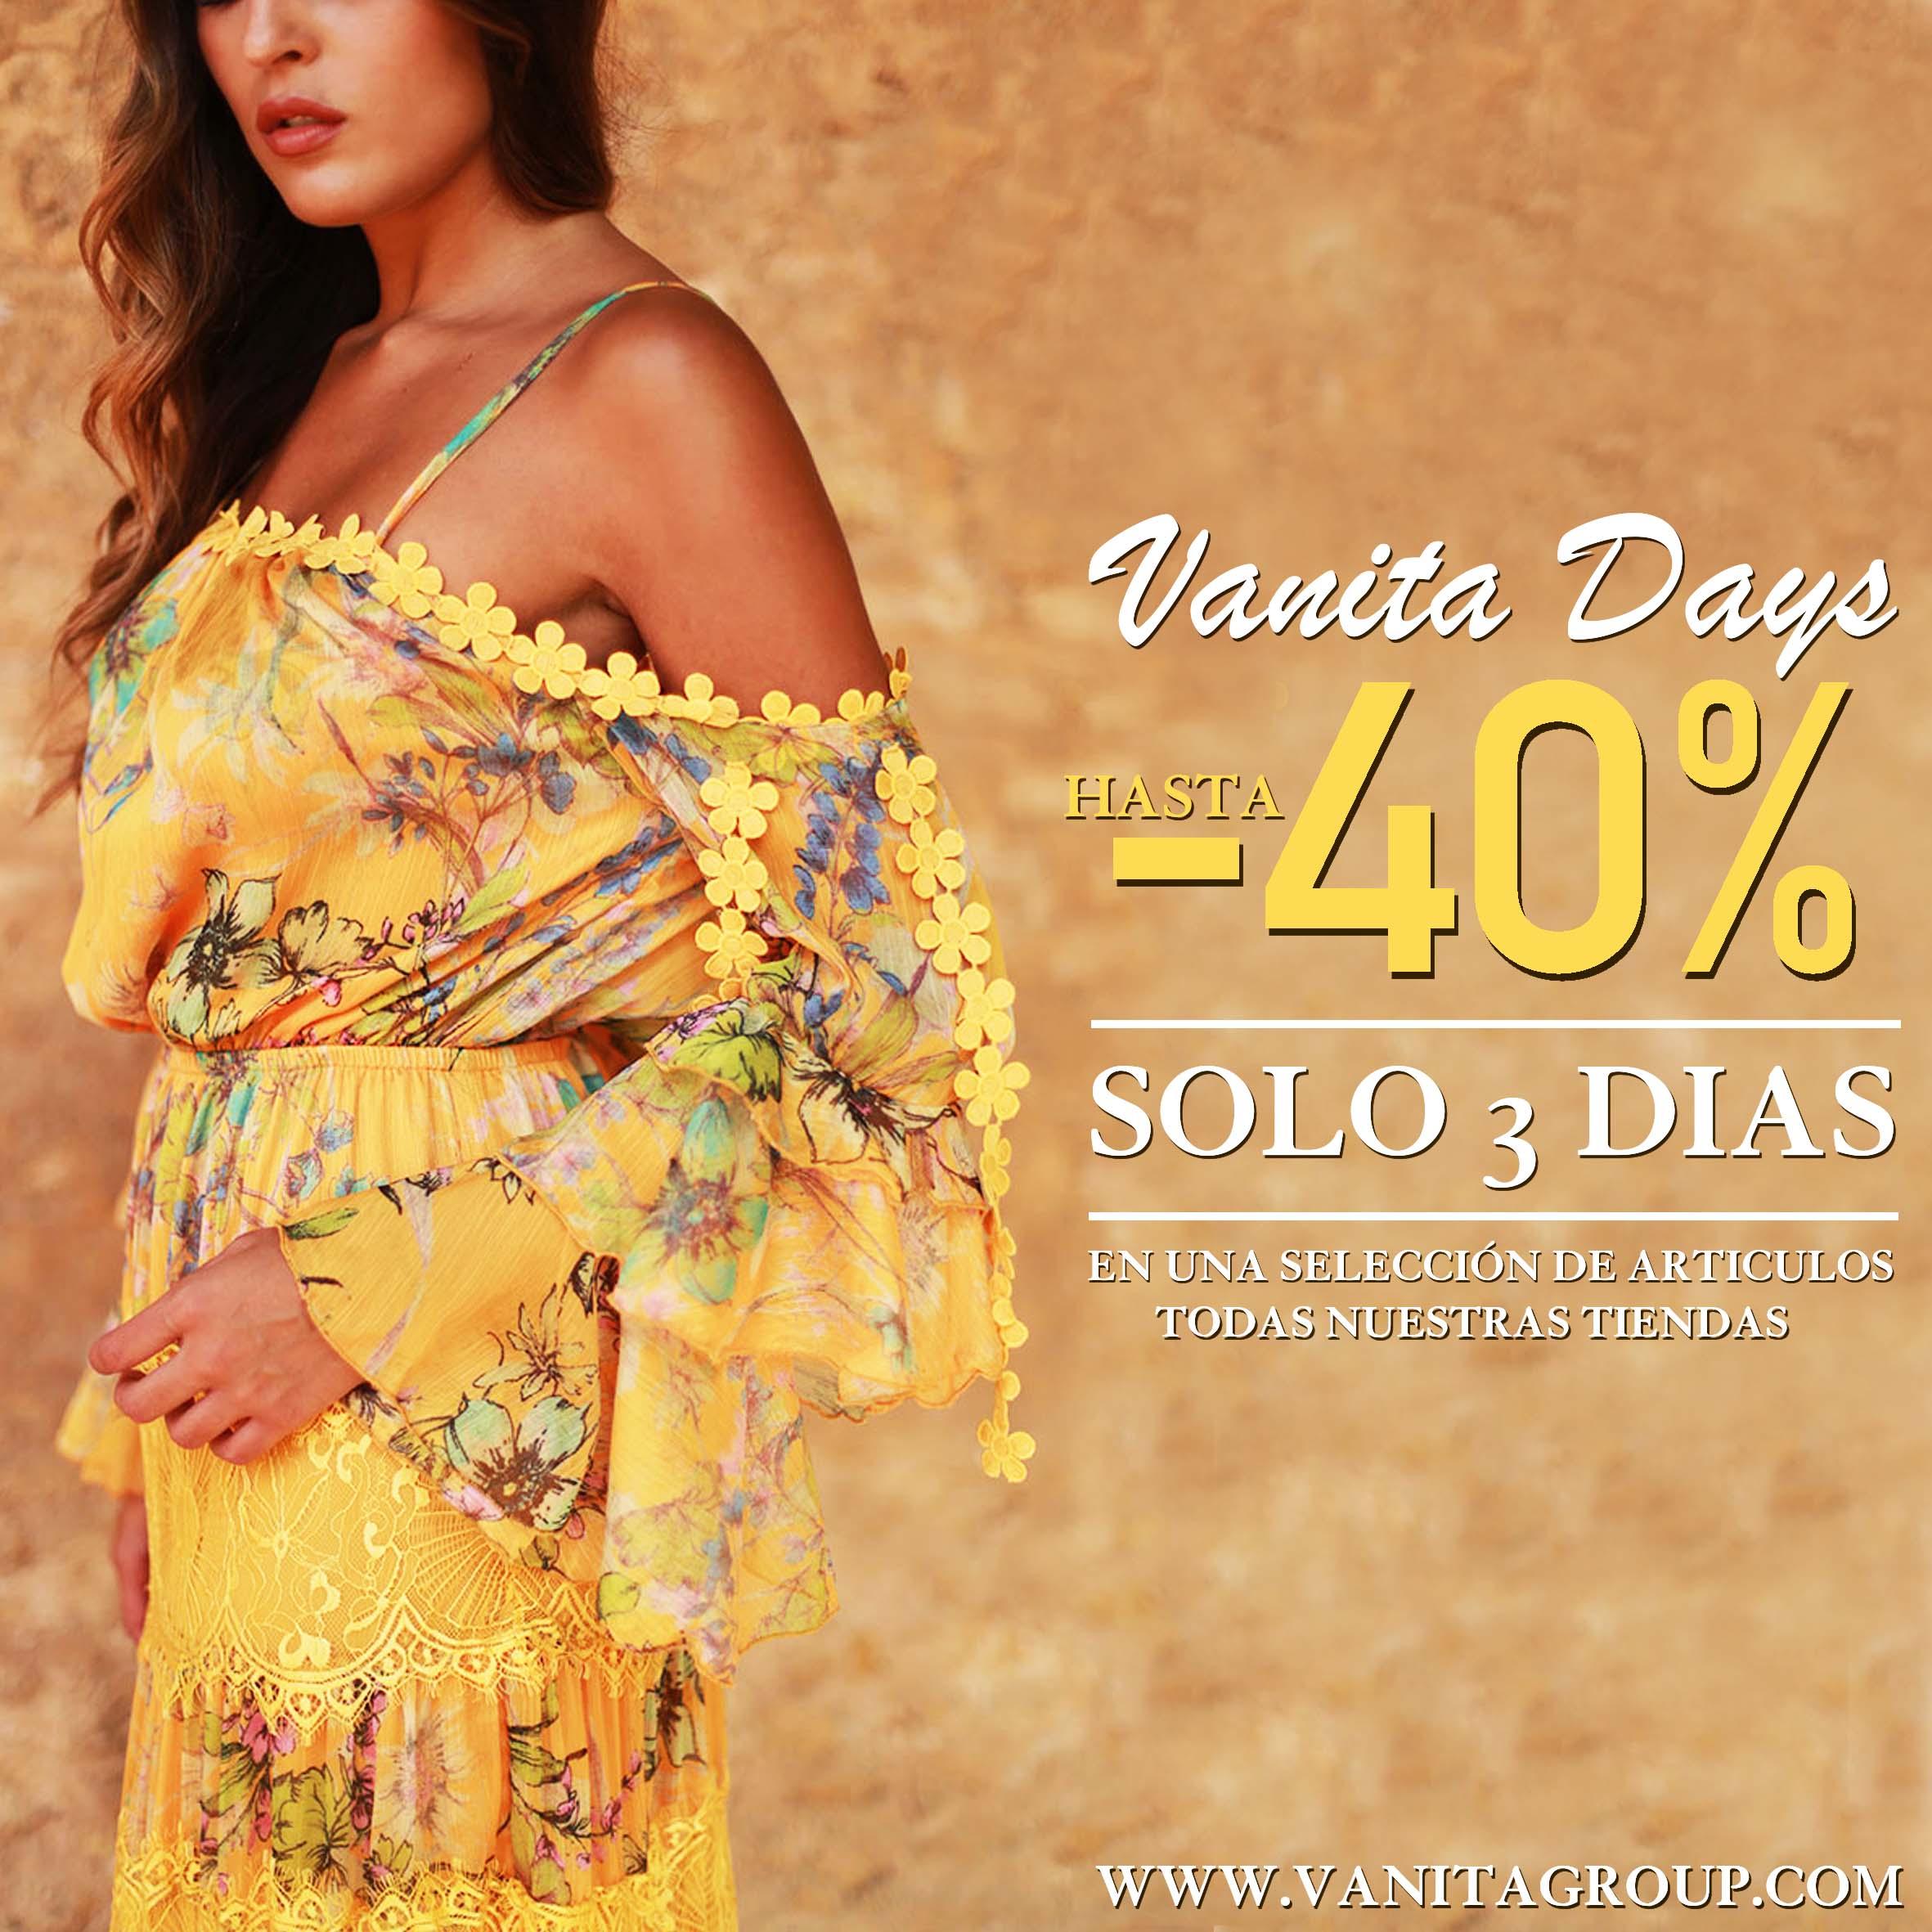 """Disfruta de 3 dias de rebajas al -40% en """"Vanita Days"""""""